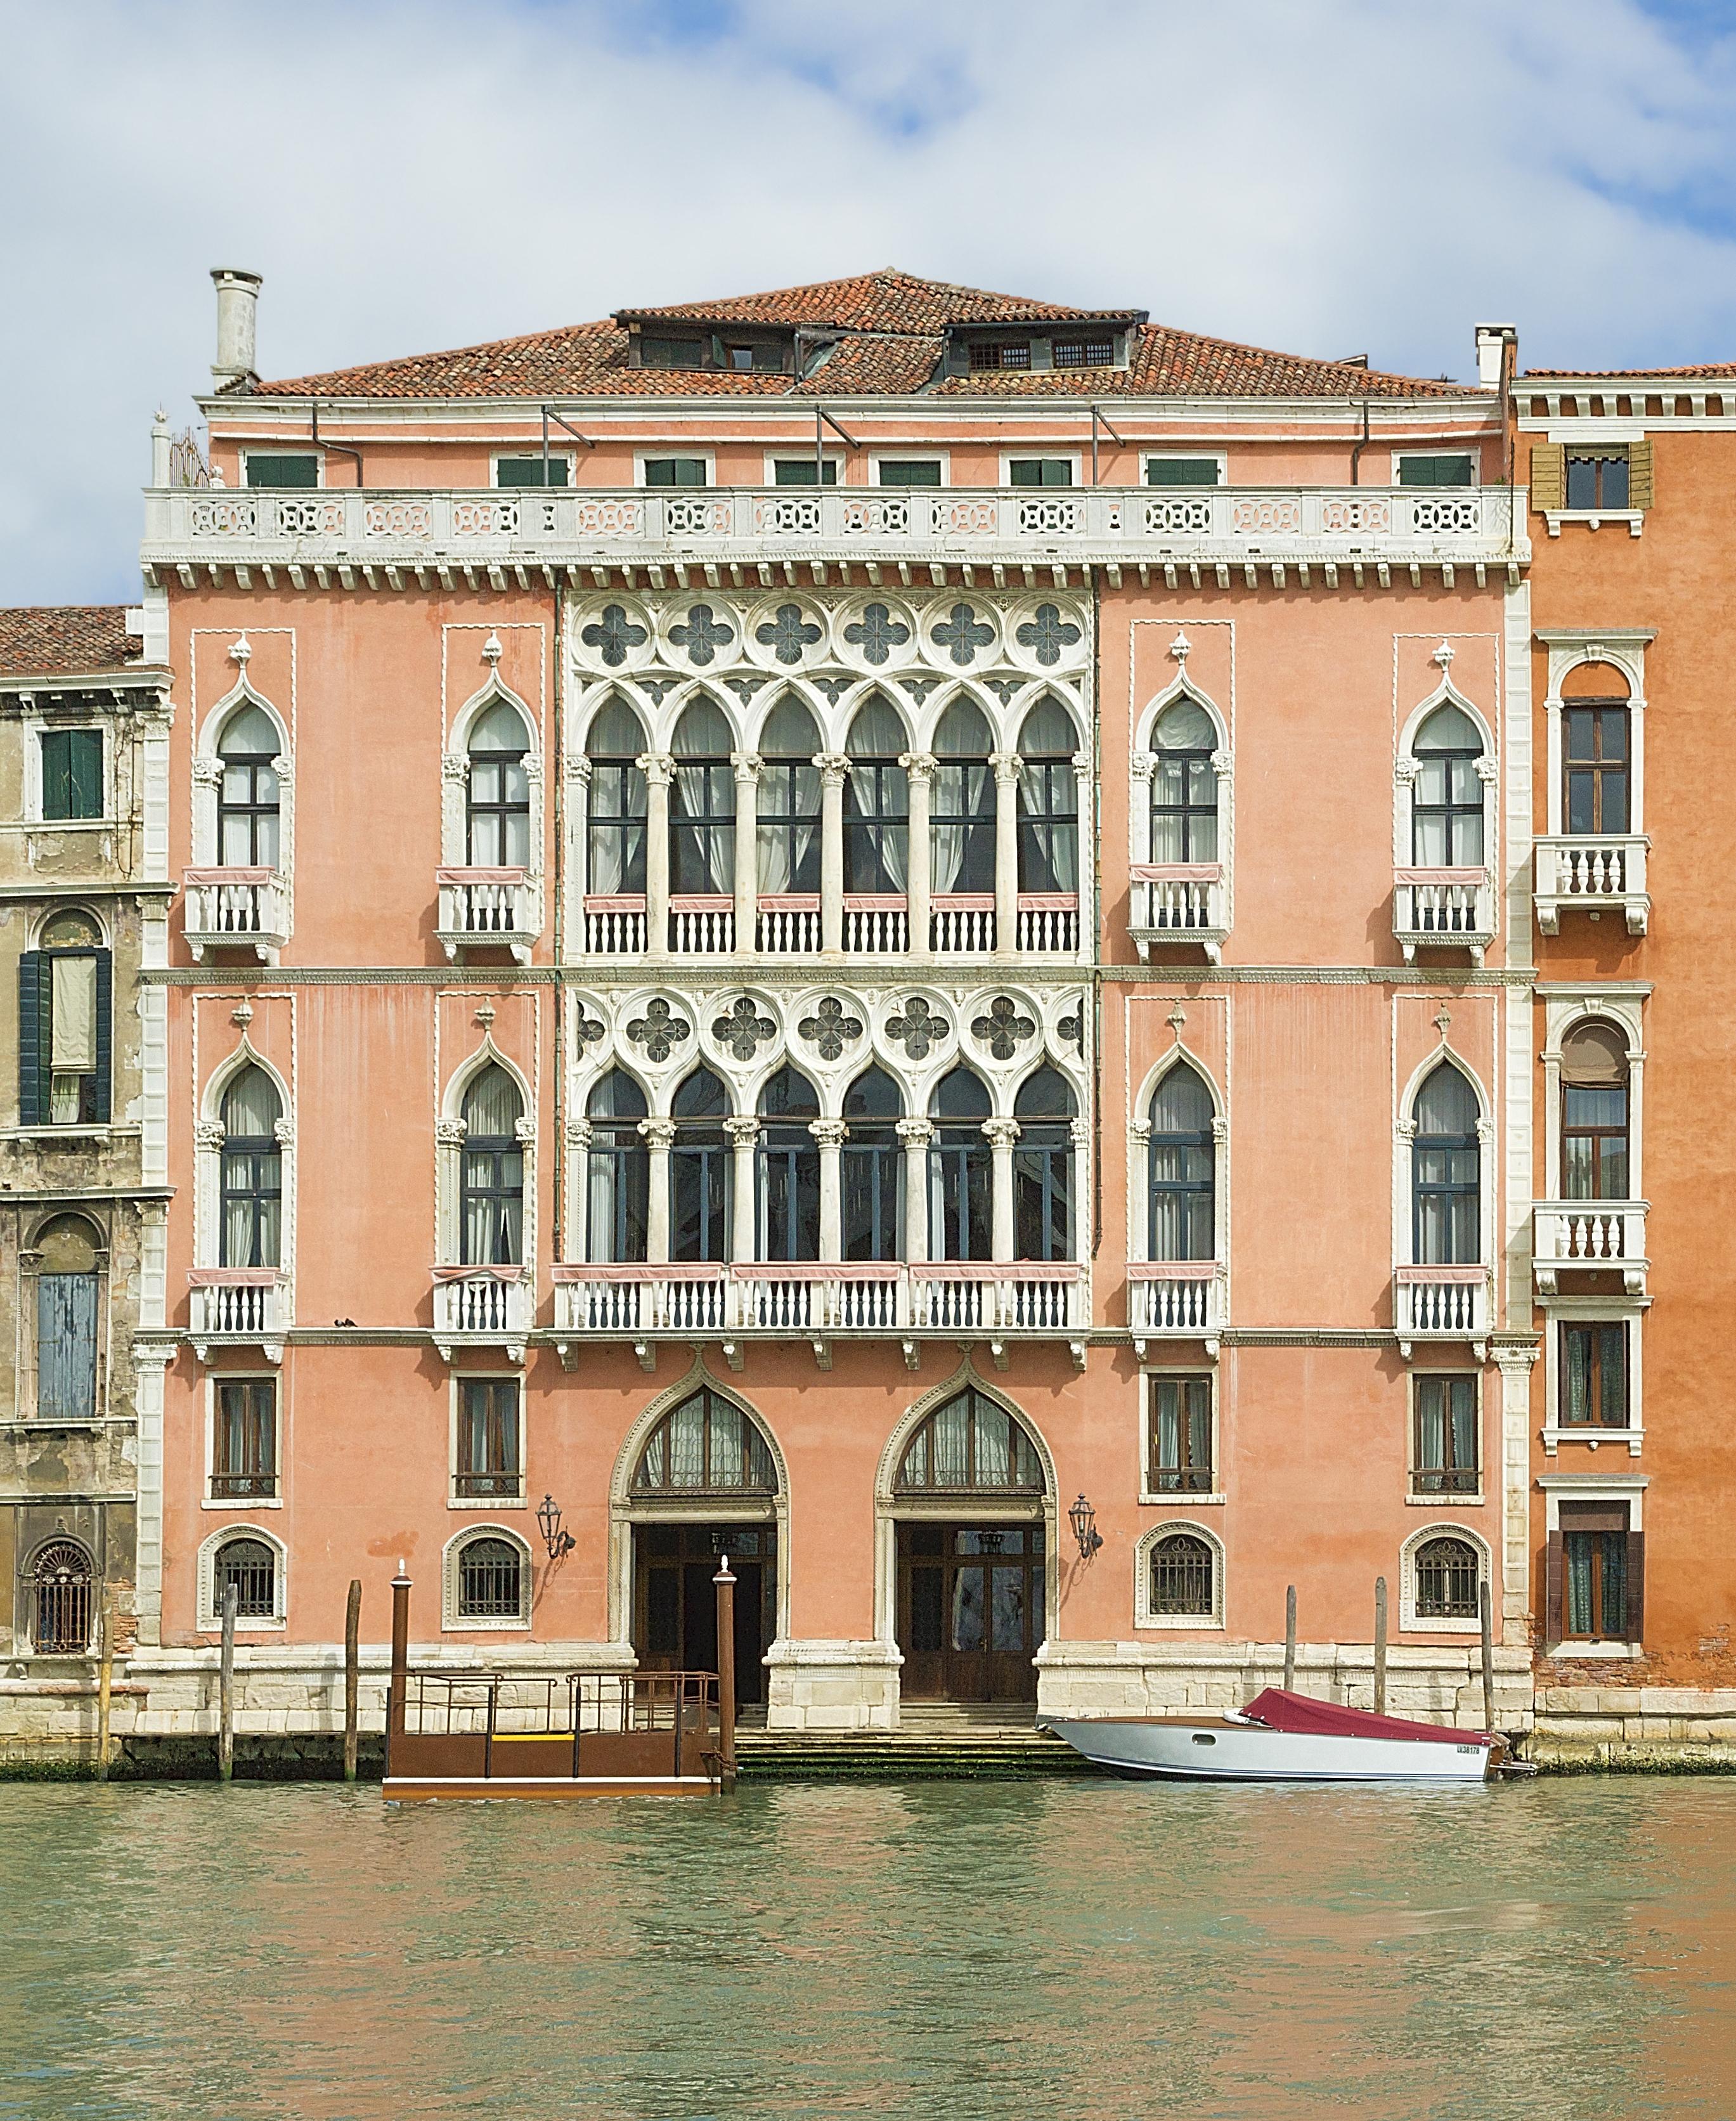 Grand Hotel Palazzo Tuscany Italy